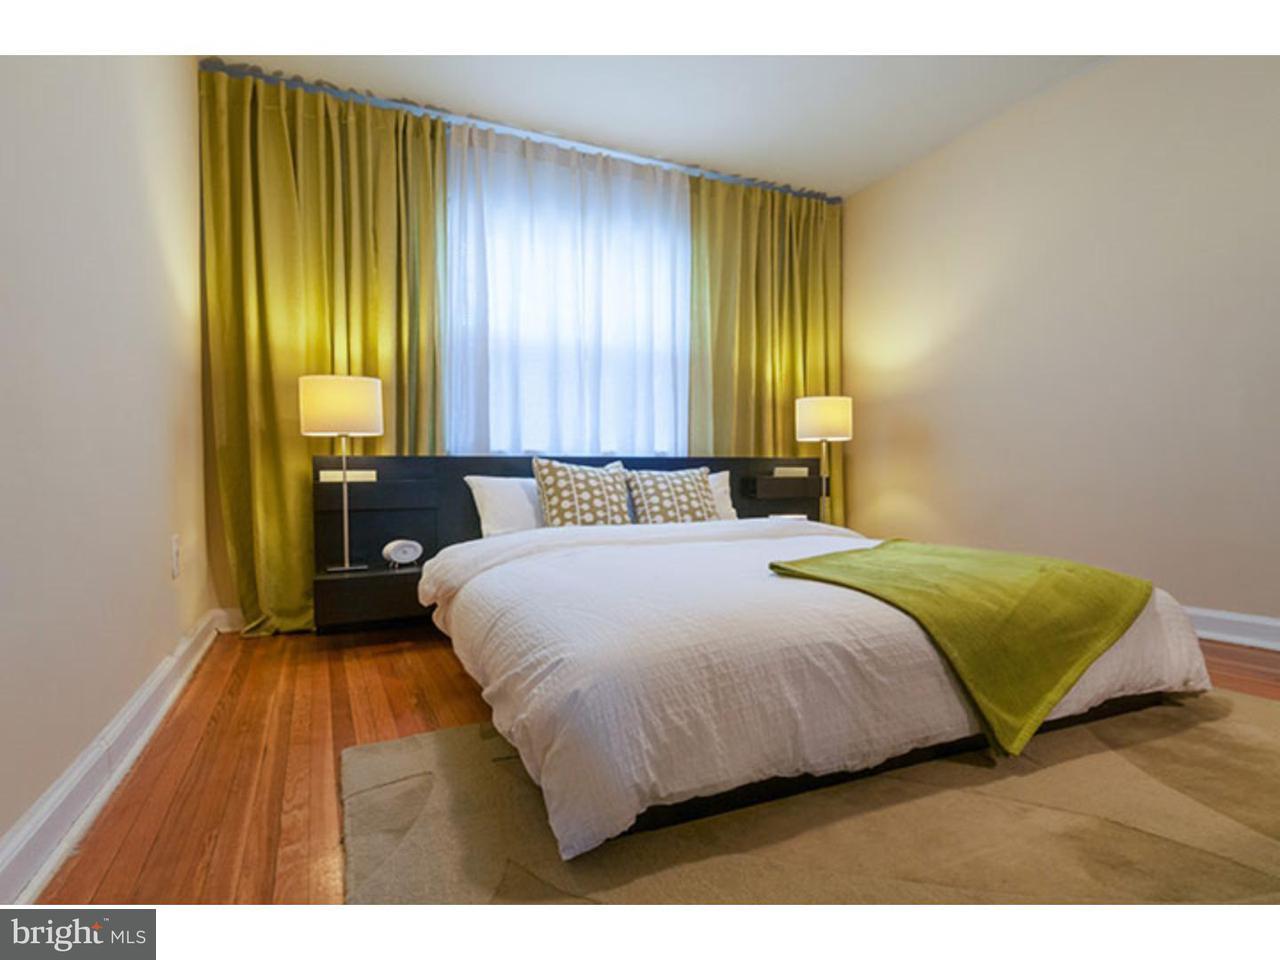 Casa Unifamiliar por un Alquiler en 213 GARFIELD AVE #236D Collingswood, Nueva Jersey 08108 Estados Unidos